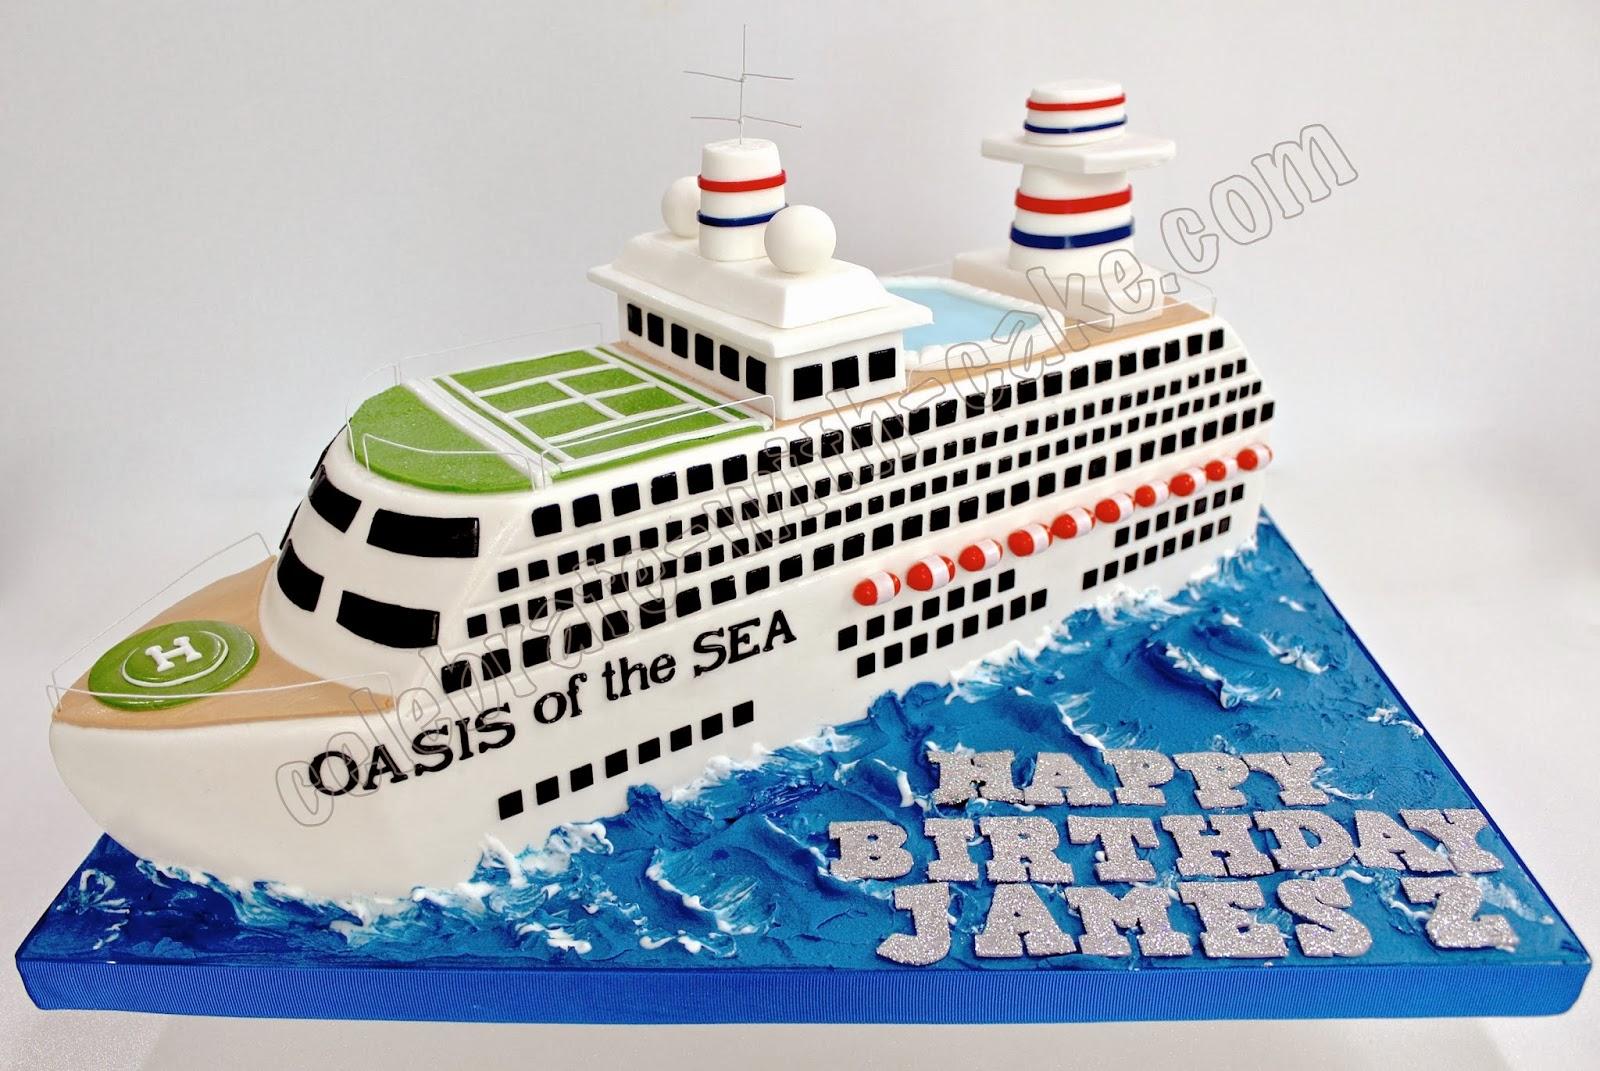 Celebrate With Cake Cruise Ship - Cruise ship cake